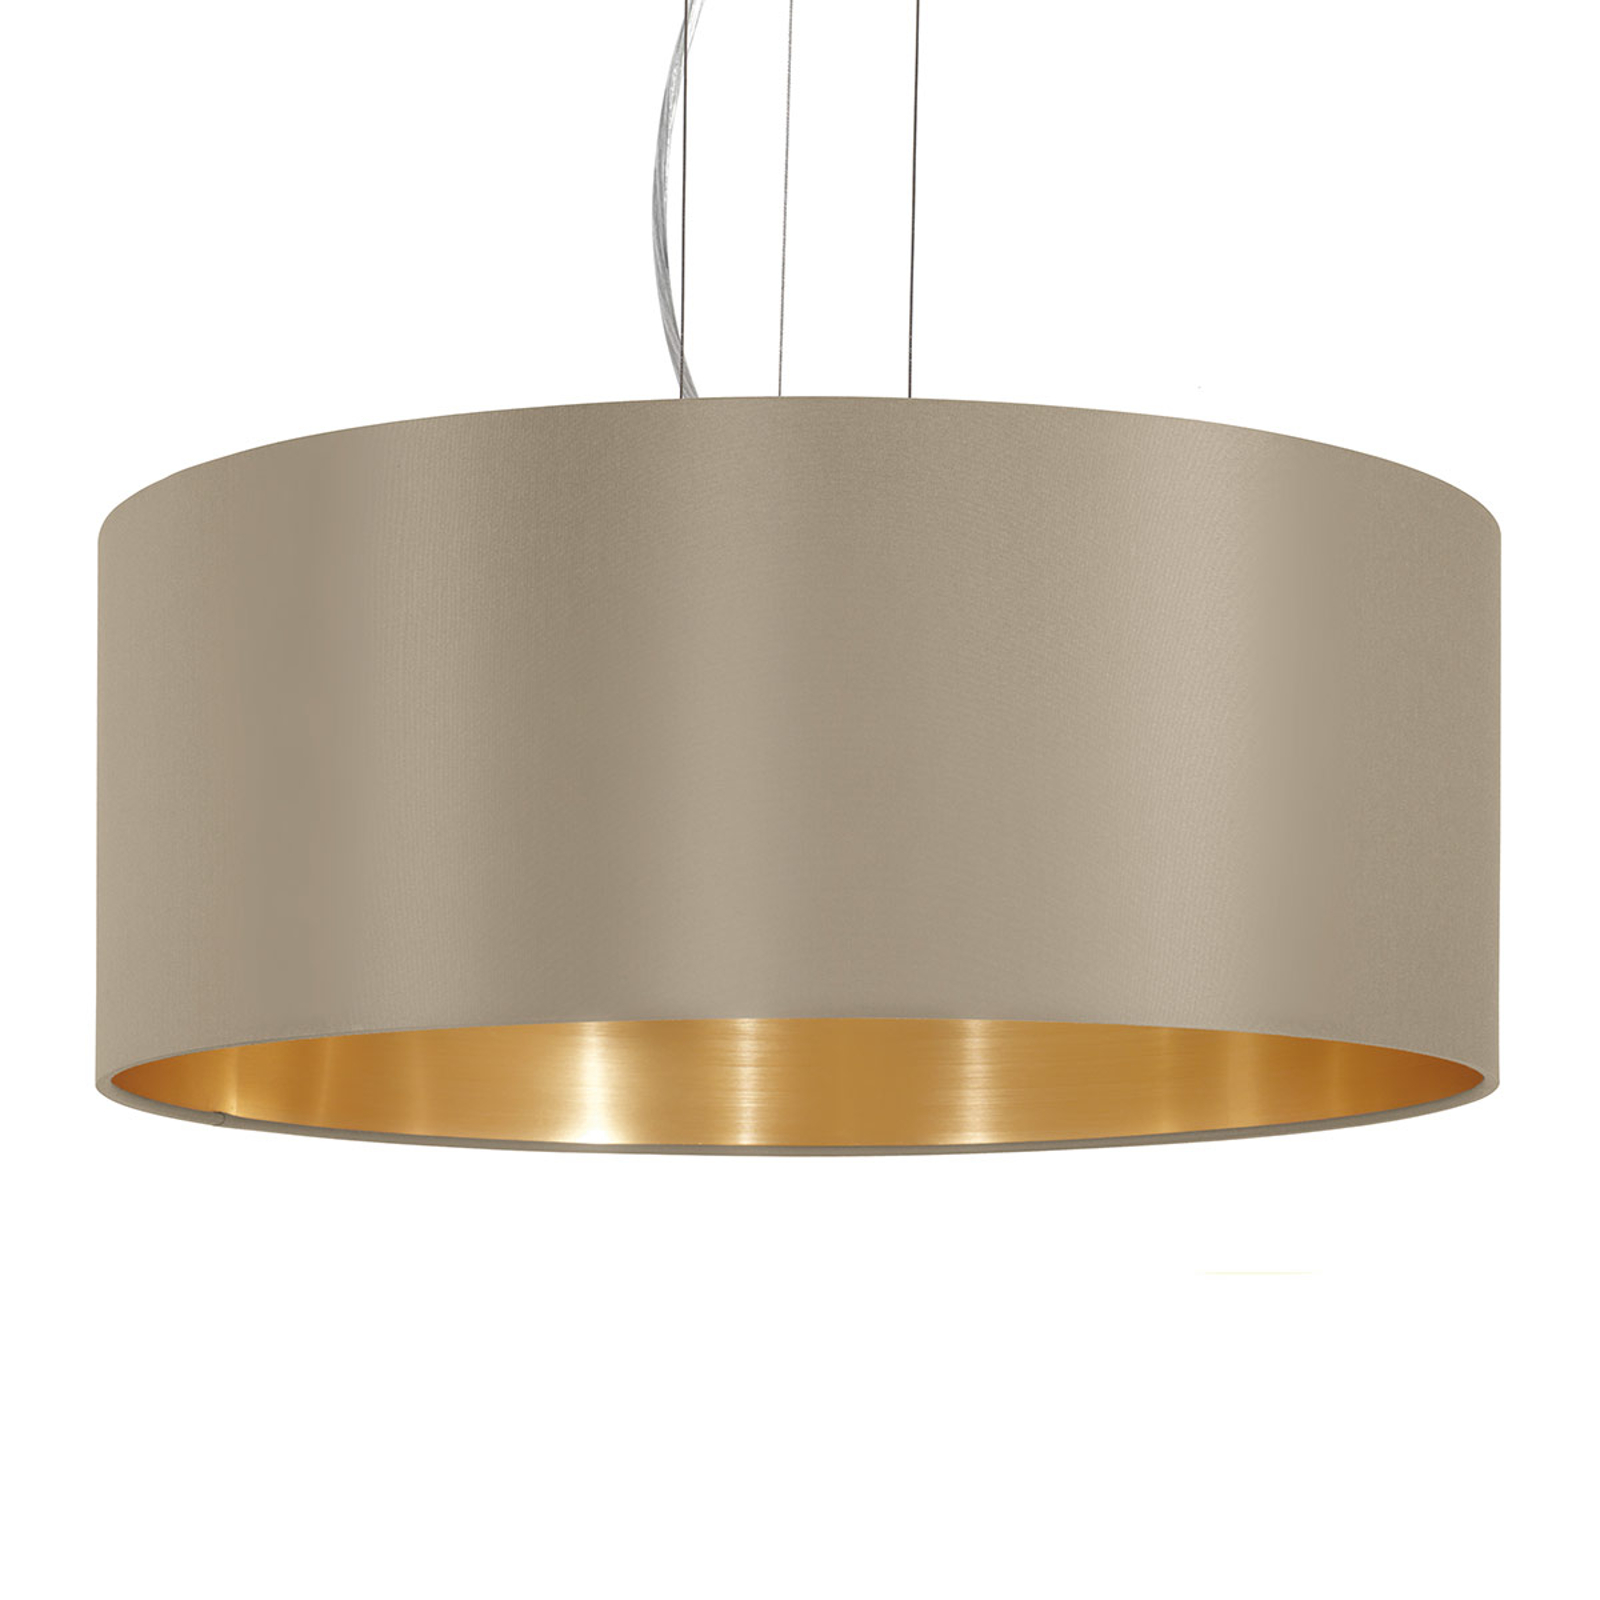 Lampa wisząca Maserlo okrągła, taupe-złota